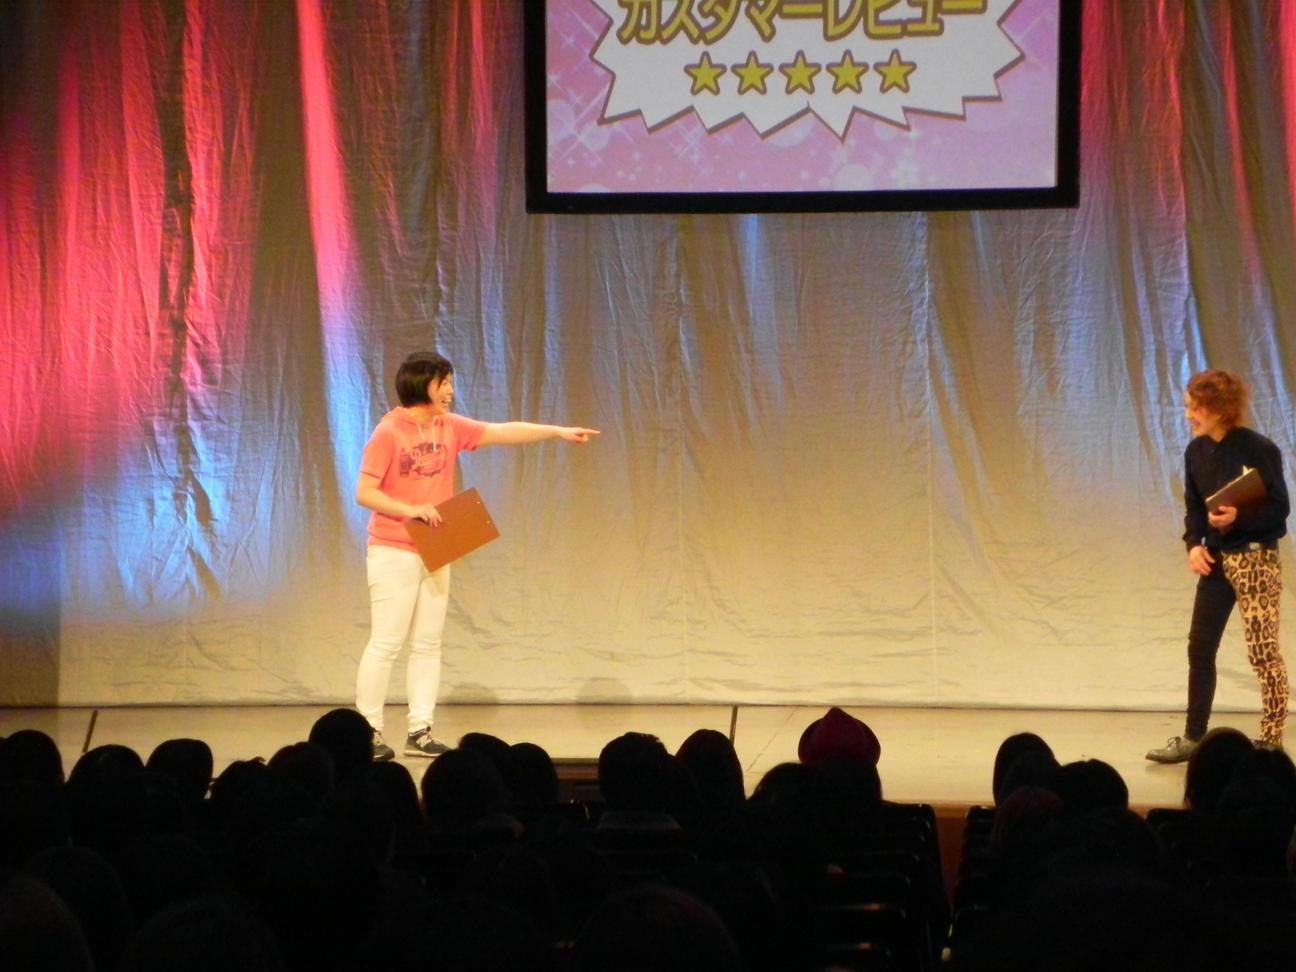 http://news.yoshimoto.co.jp/20170220215912-c5d7e336beb2fe70f69e6135f400298946cd59d1.jpg